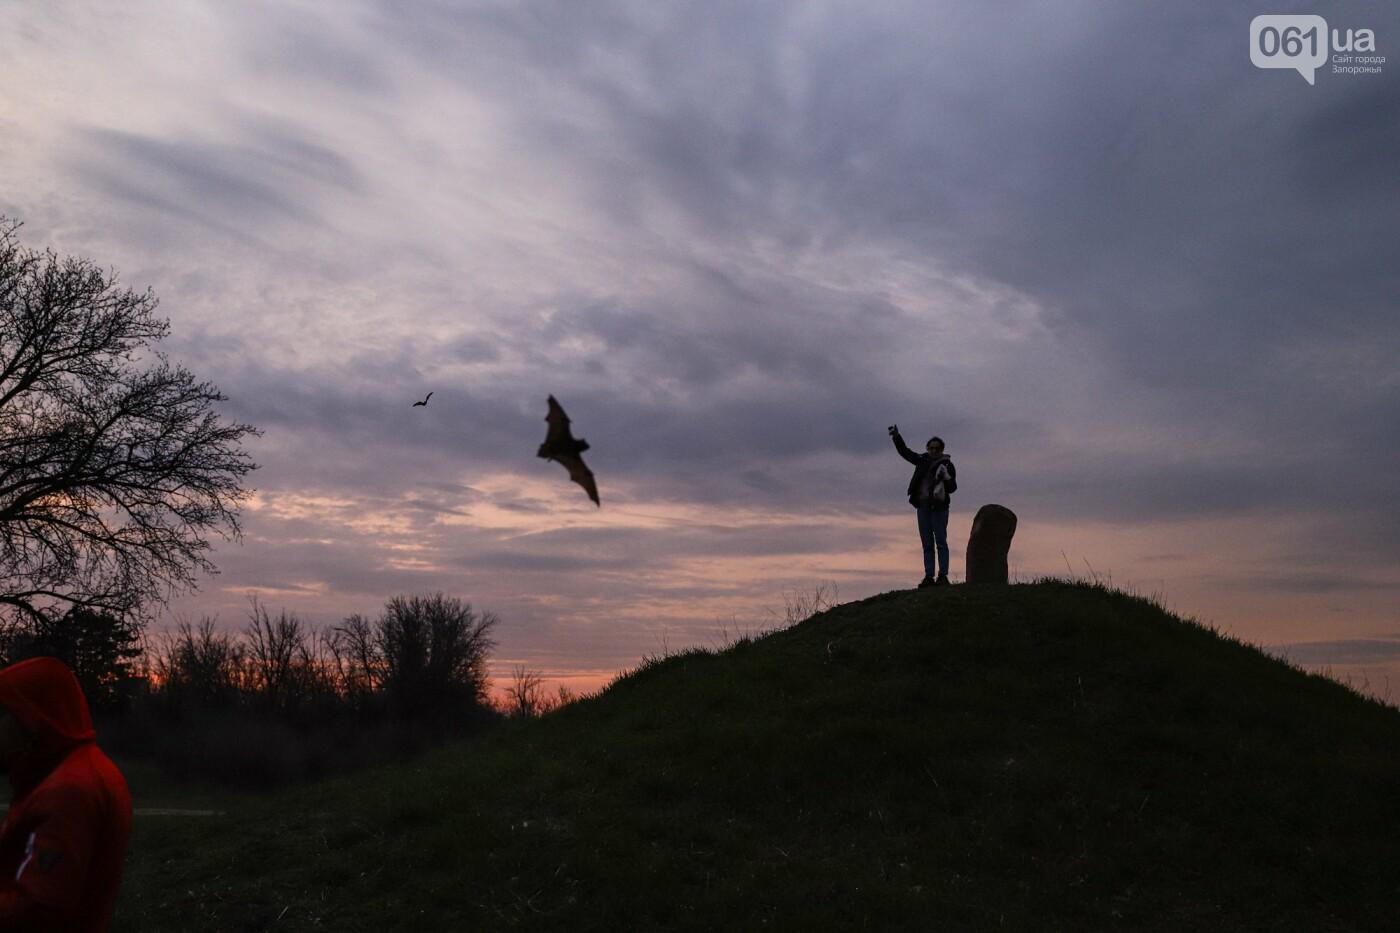 На Хортице выпустили более 700 летучих мышей, спасенных волонтерами, - ФОТОРЕПОРТАЖ, фото-23